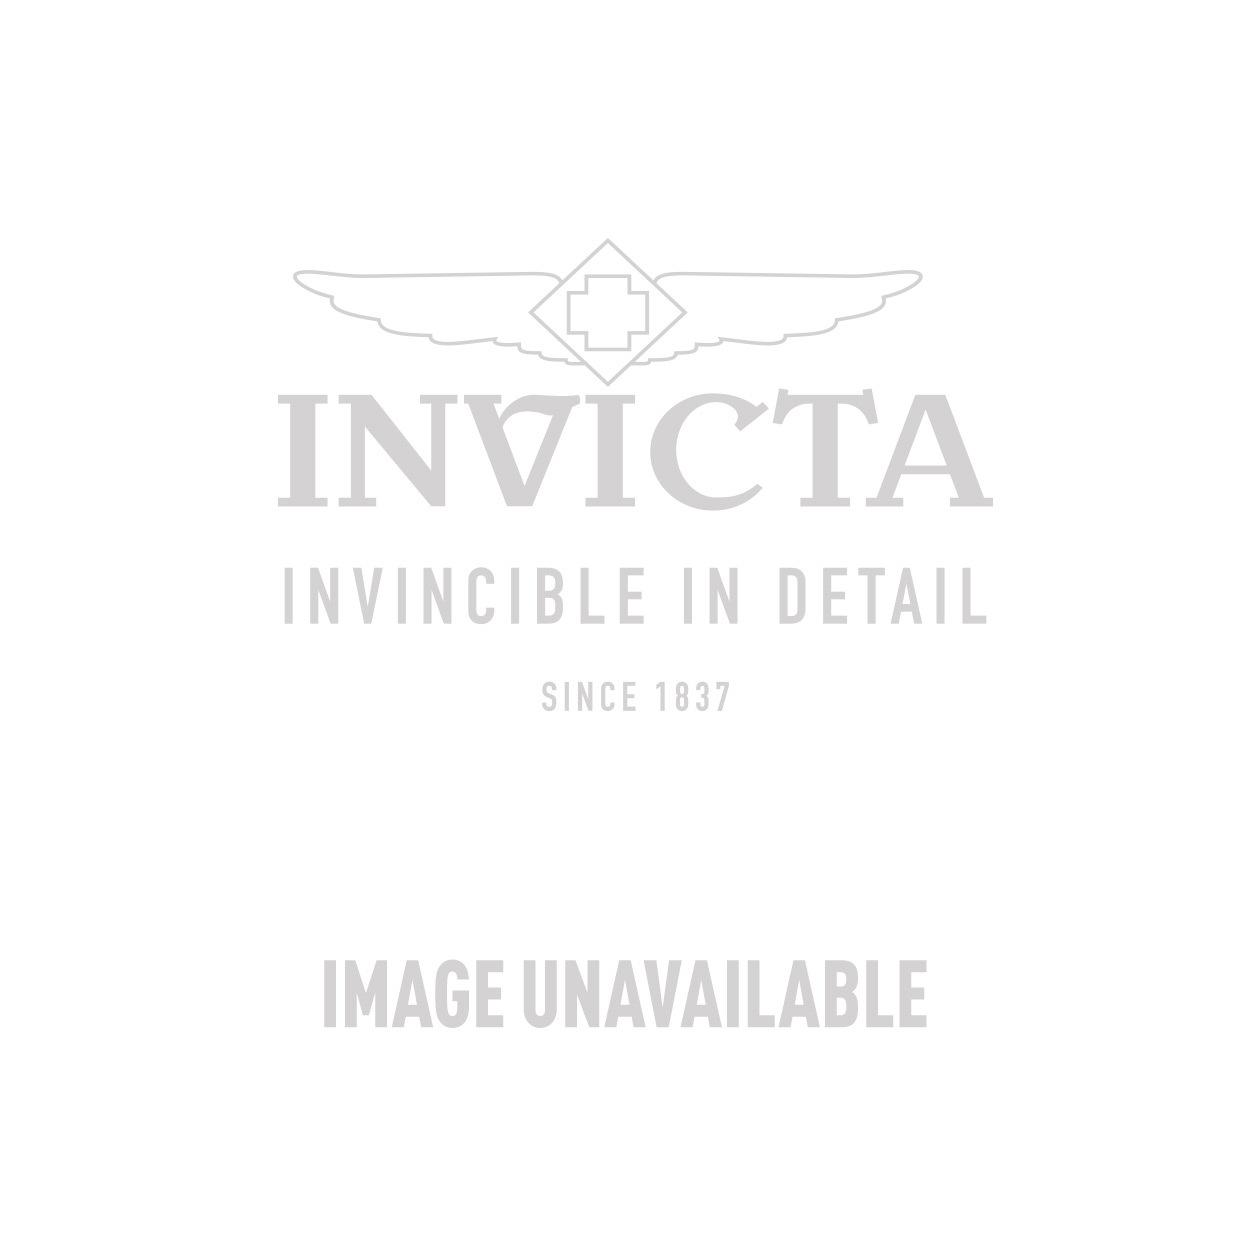 Invicta Model 27517